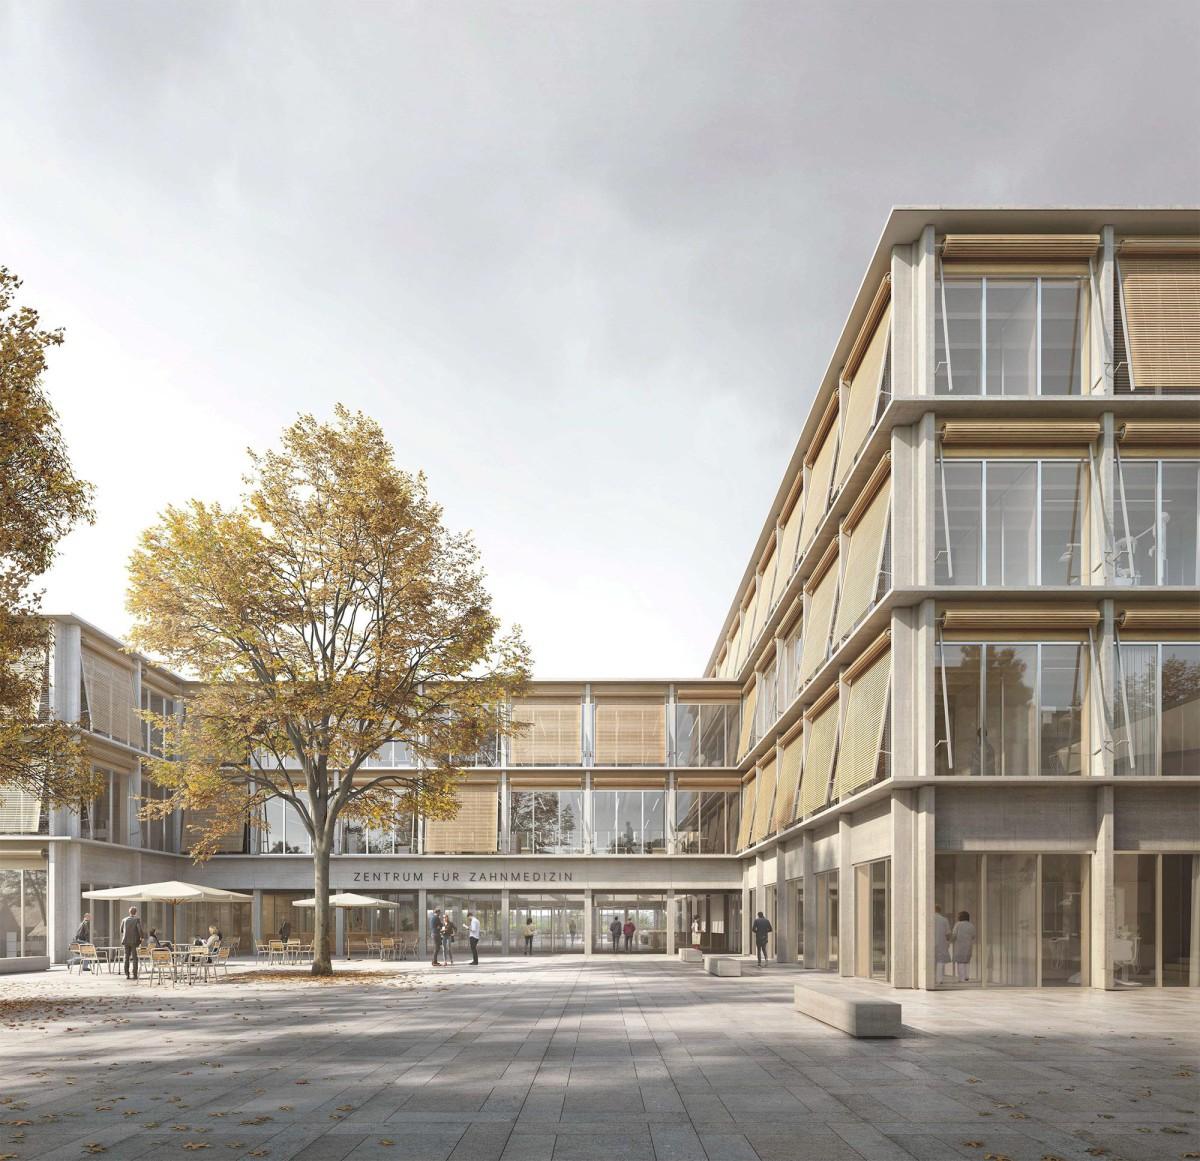 e2a . Zentrum für Zahnmedizin Hottingen . Zurich afasia (1)